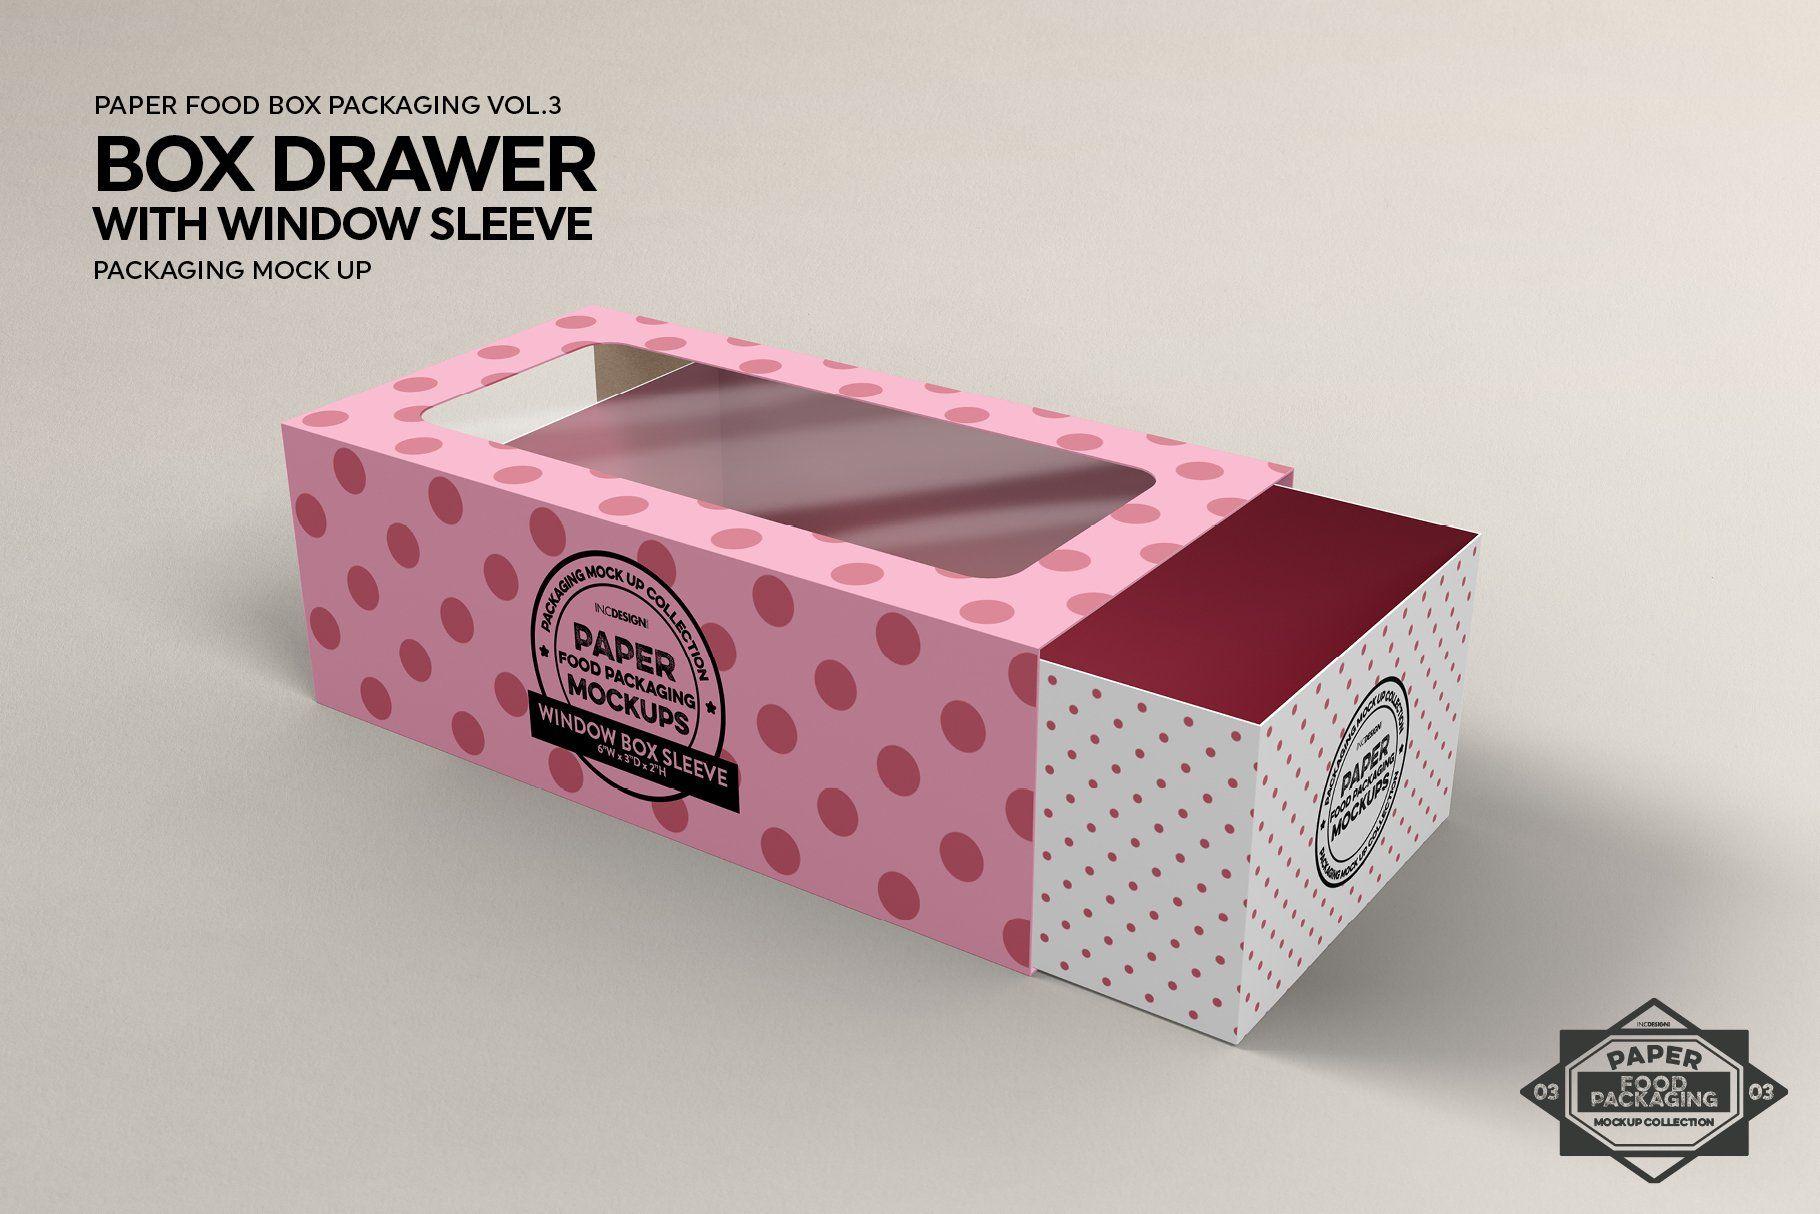 Download Box Window Sleeve Packaging Mockup Packaging Mockup Free Packaging Mockup Food Box Packaging